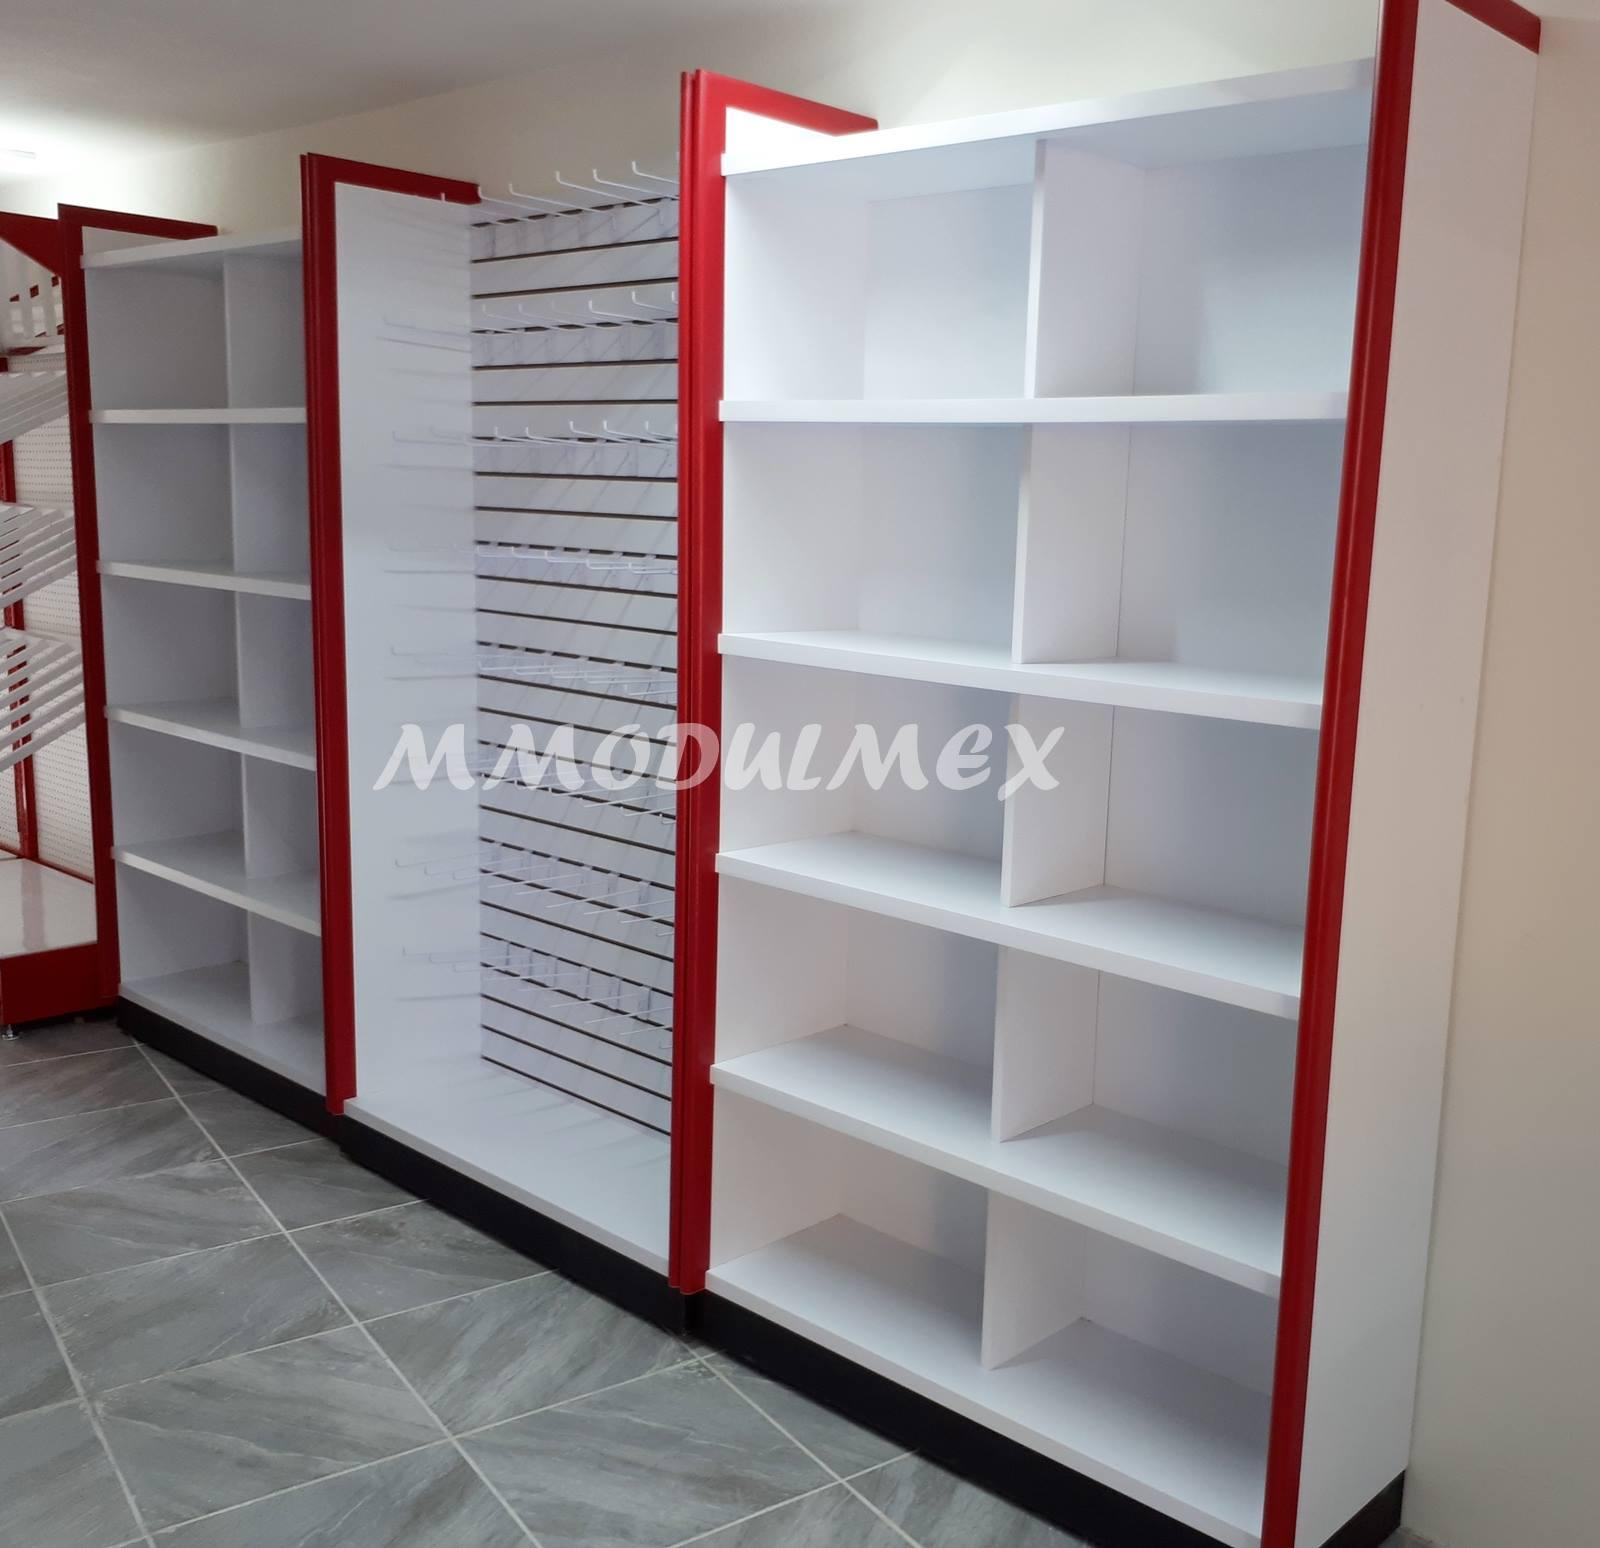 Mostradores vitrinas y estantes para tiendas y negocios - Madera para estantes ...